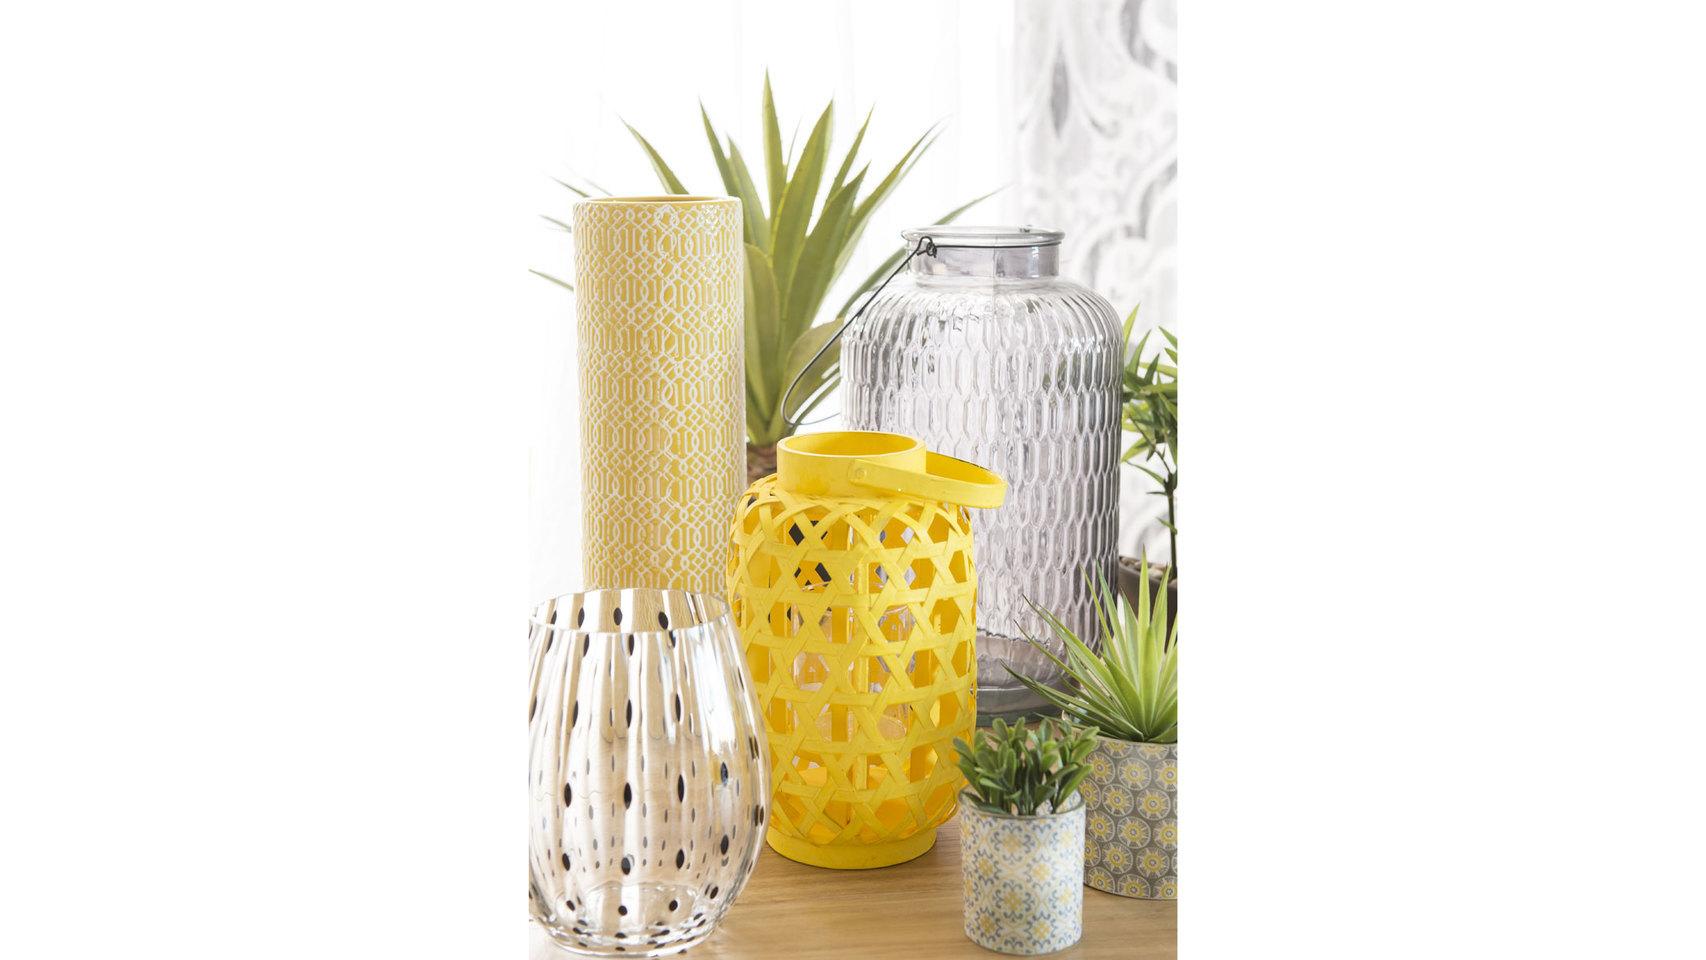 Farol COMODORO de bambú amarillo. Maison du Monde (14.99 euros).